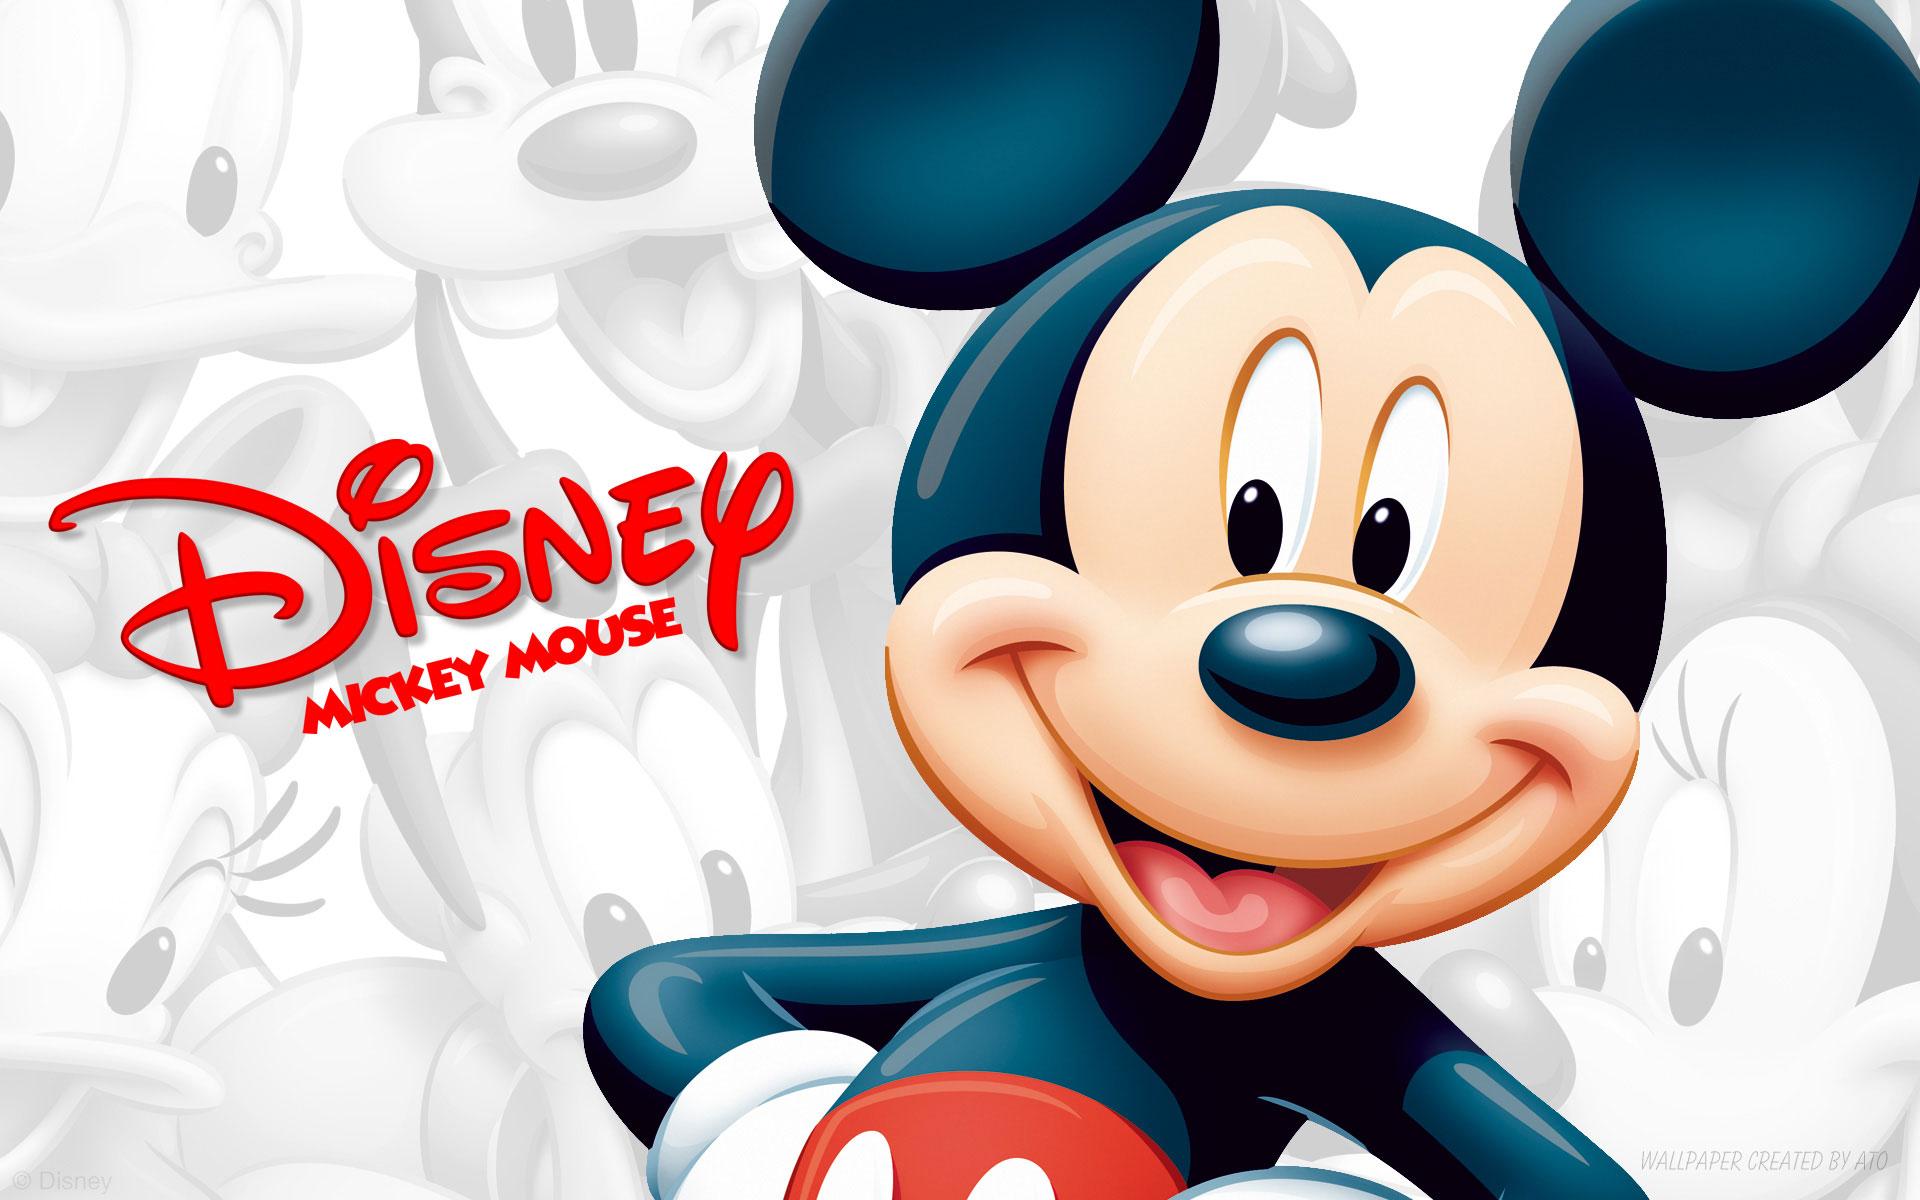 米奇PPT背景图片免费下载是由PPT宝藏(www.pptbz.com)会员zengmin上传推荐的卡通PPT背景图片, 更新时间为2016-11-08,素材编号110647。 Mickey全称为米奇老鼠(Mickey Mouse)是华特迪士尼和Ub Iwerks于1928年创作出的动画形象,迪士尼公司的代表人物。1928年11月18日,随着米老鼠的首部电影短片《汽船威利号》在殖民大戏院(Colony Theater)上映,米奇老鼠的生日便定为了那天。 米老鼠最初被创造是为了取代幸运兔奥斯华,而幸运兔子奥斯